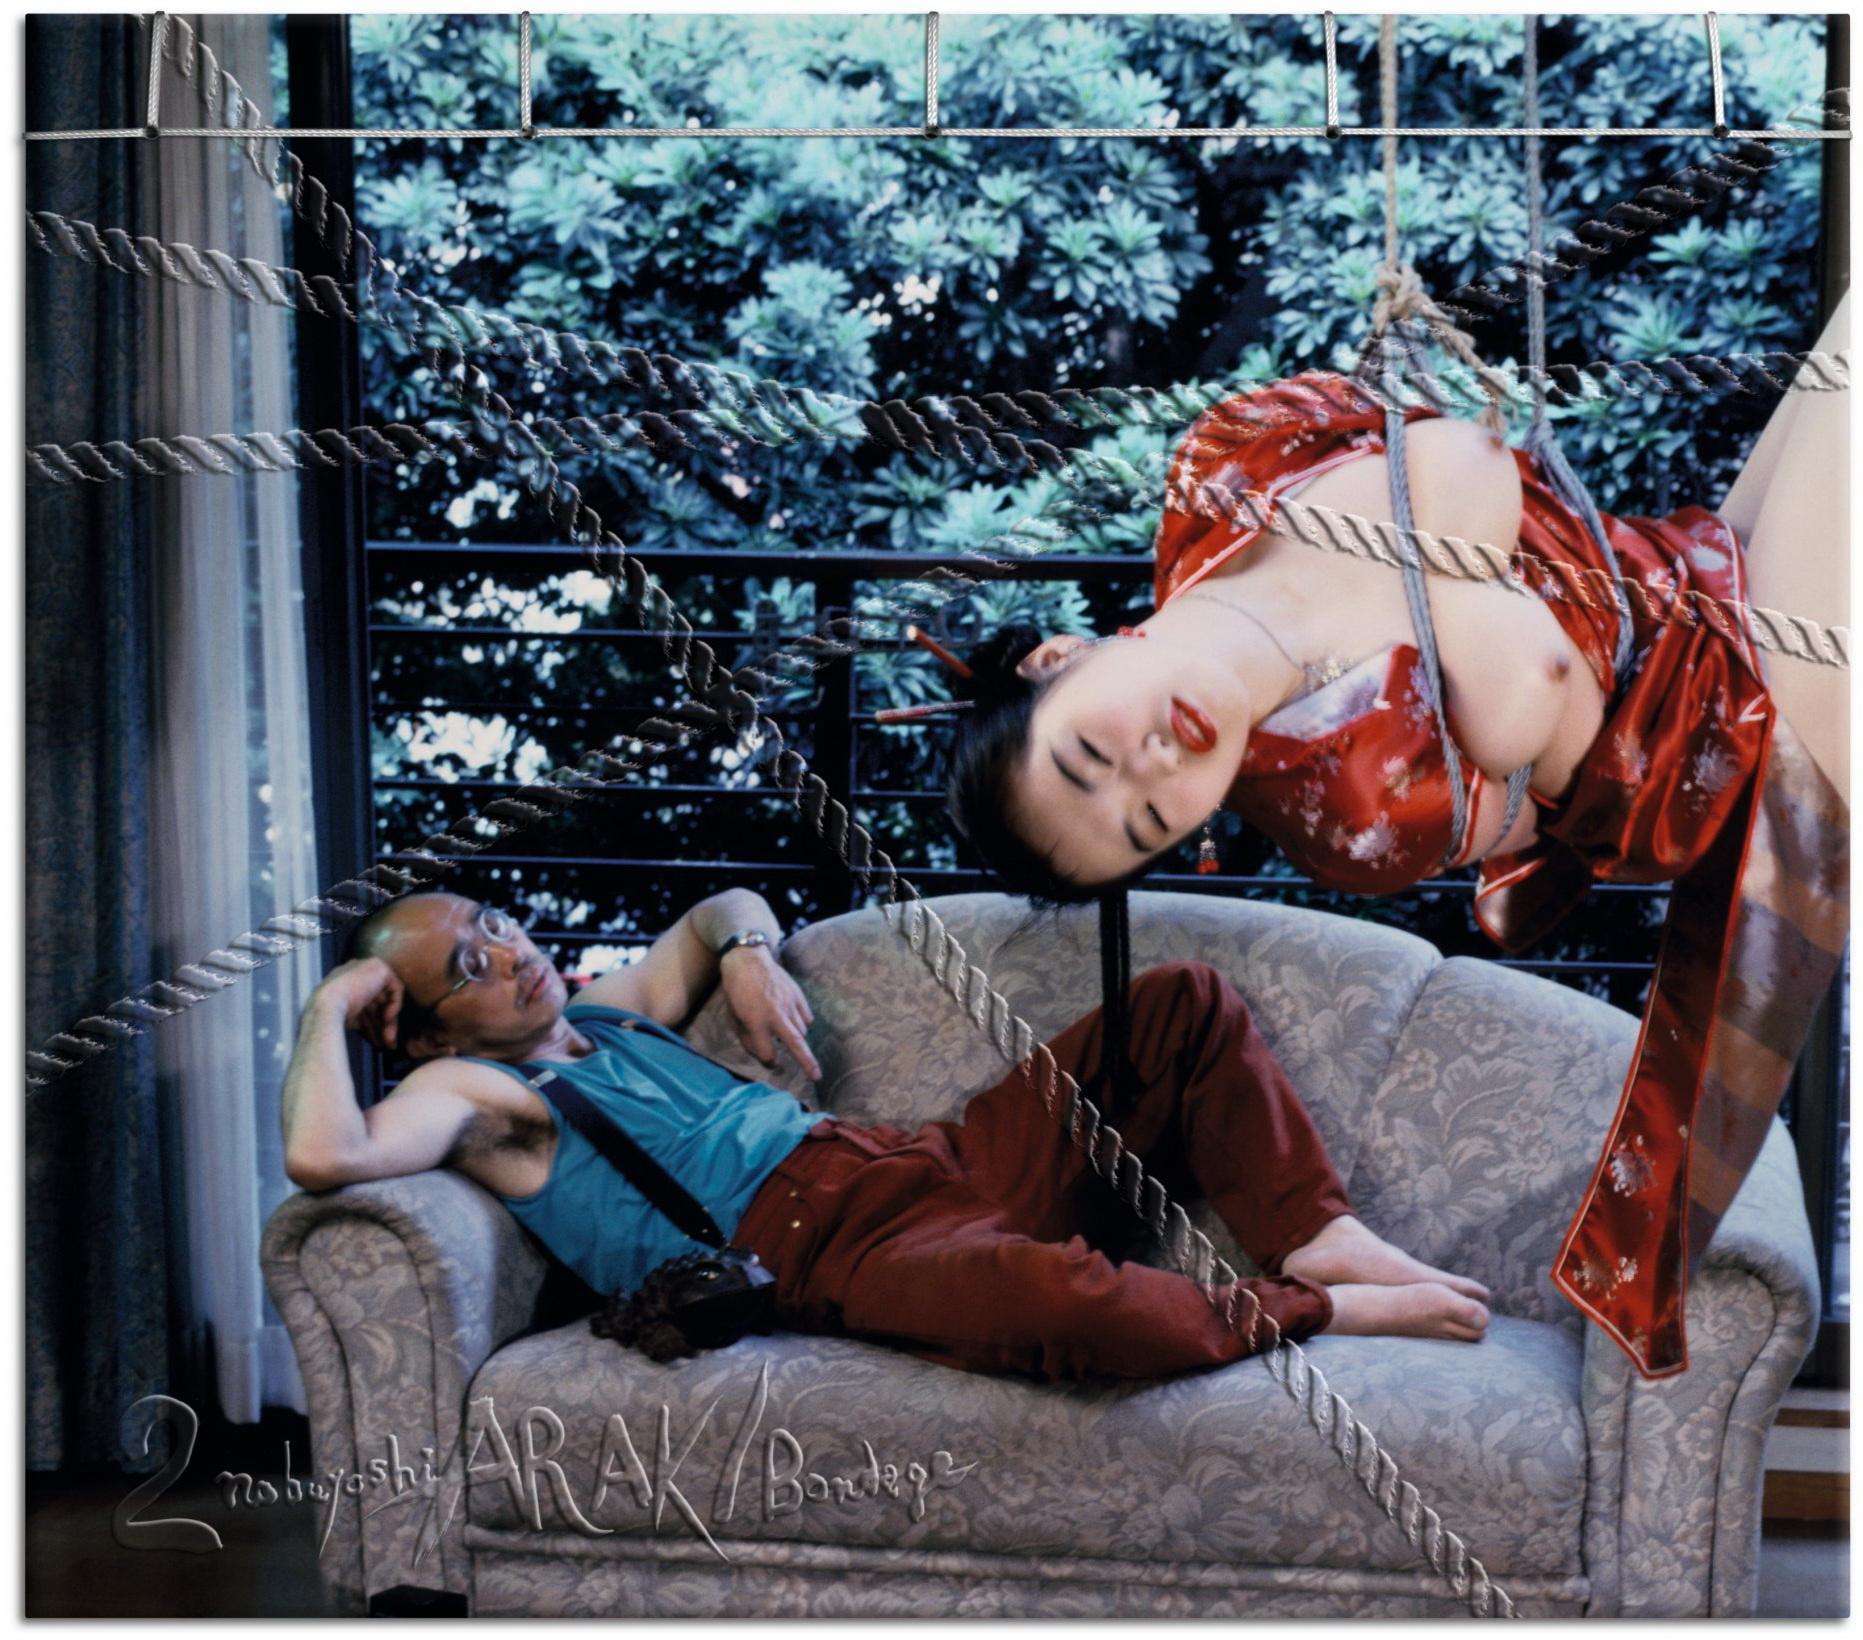 """Uno de los autorretratos de NOBUYOSHI ARAKI en uno de los libros contenidos en el regalo TASCHEN DE lIBRAS 1.000 PARA """"argentinos paquetes ex veraneantes de Punta del Este, ¡Ja!"""""""